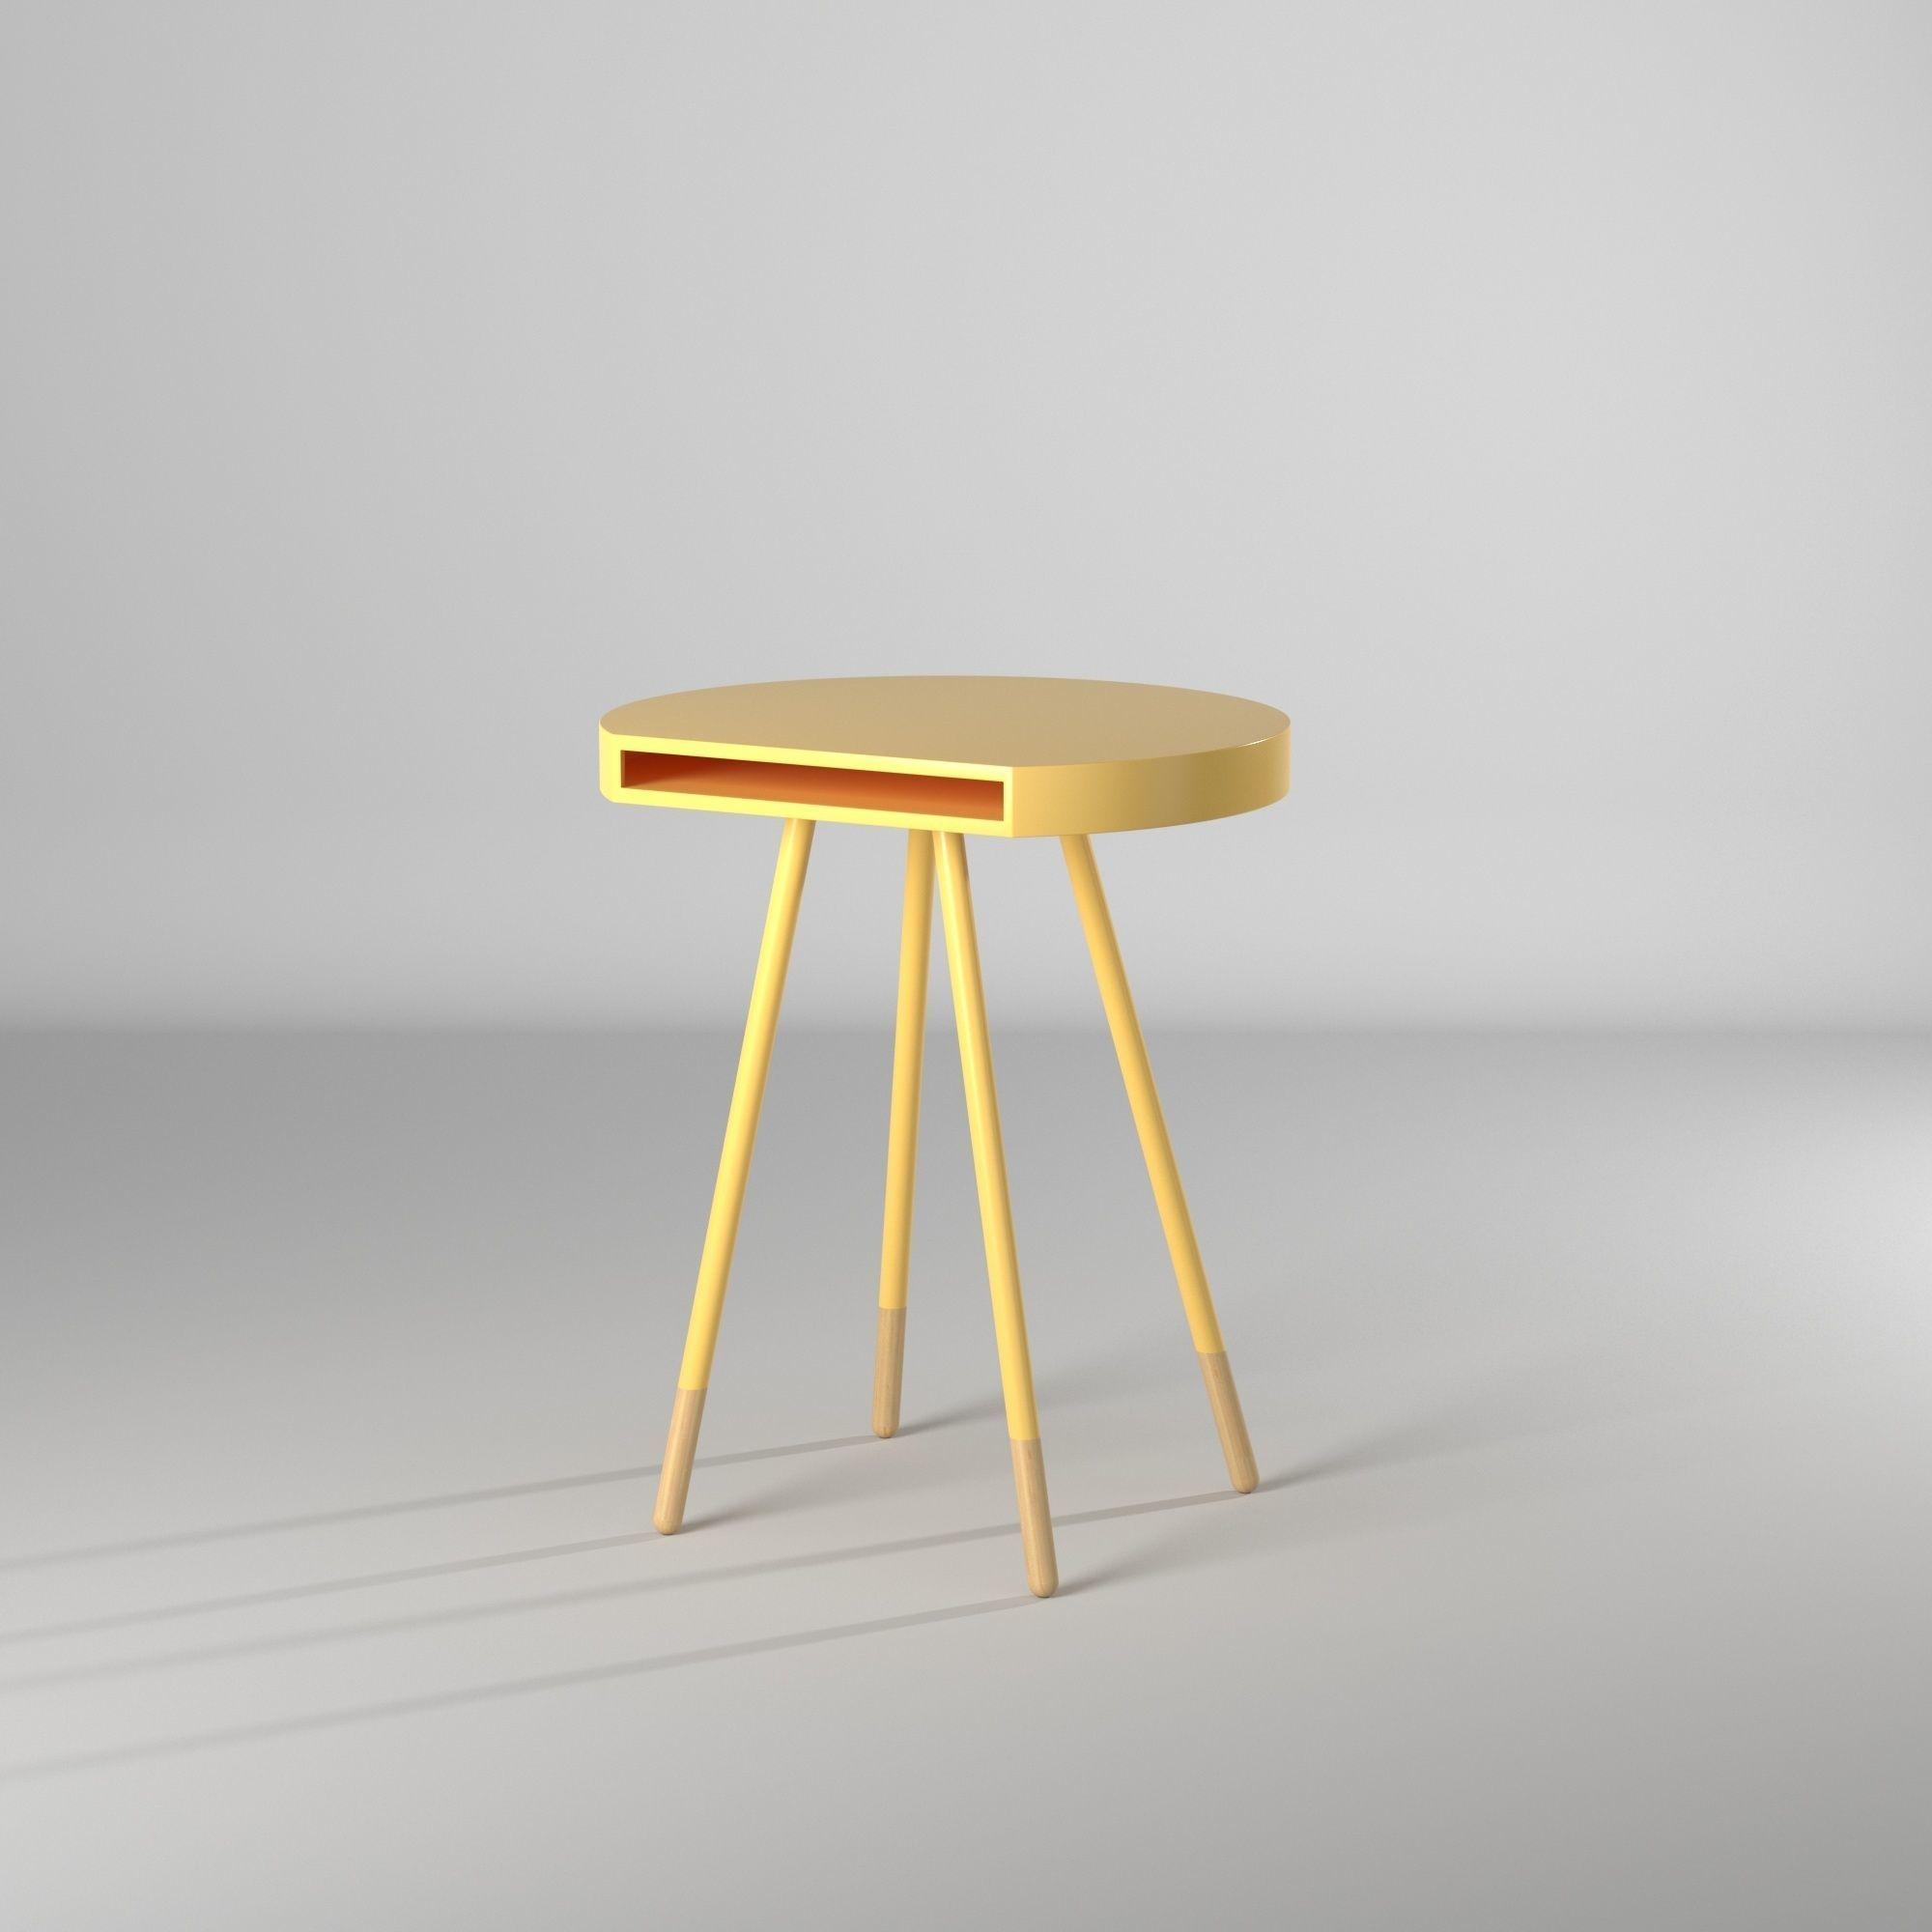 Mesa Marcella - Marcella table